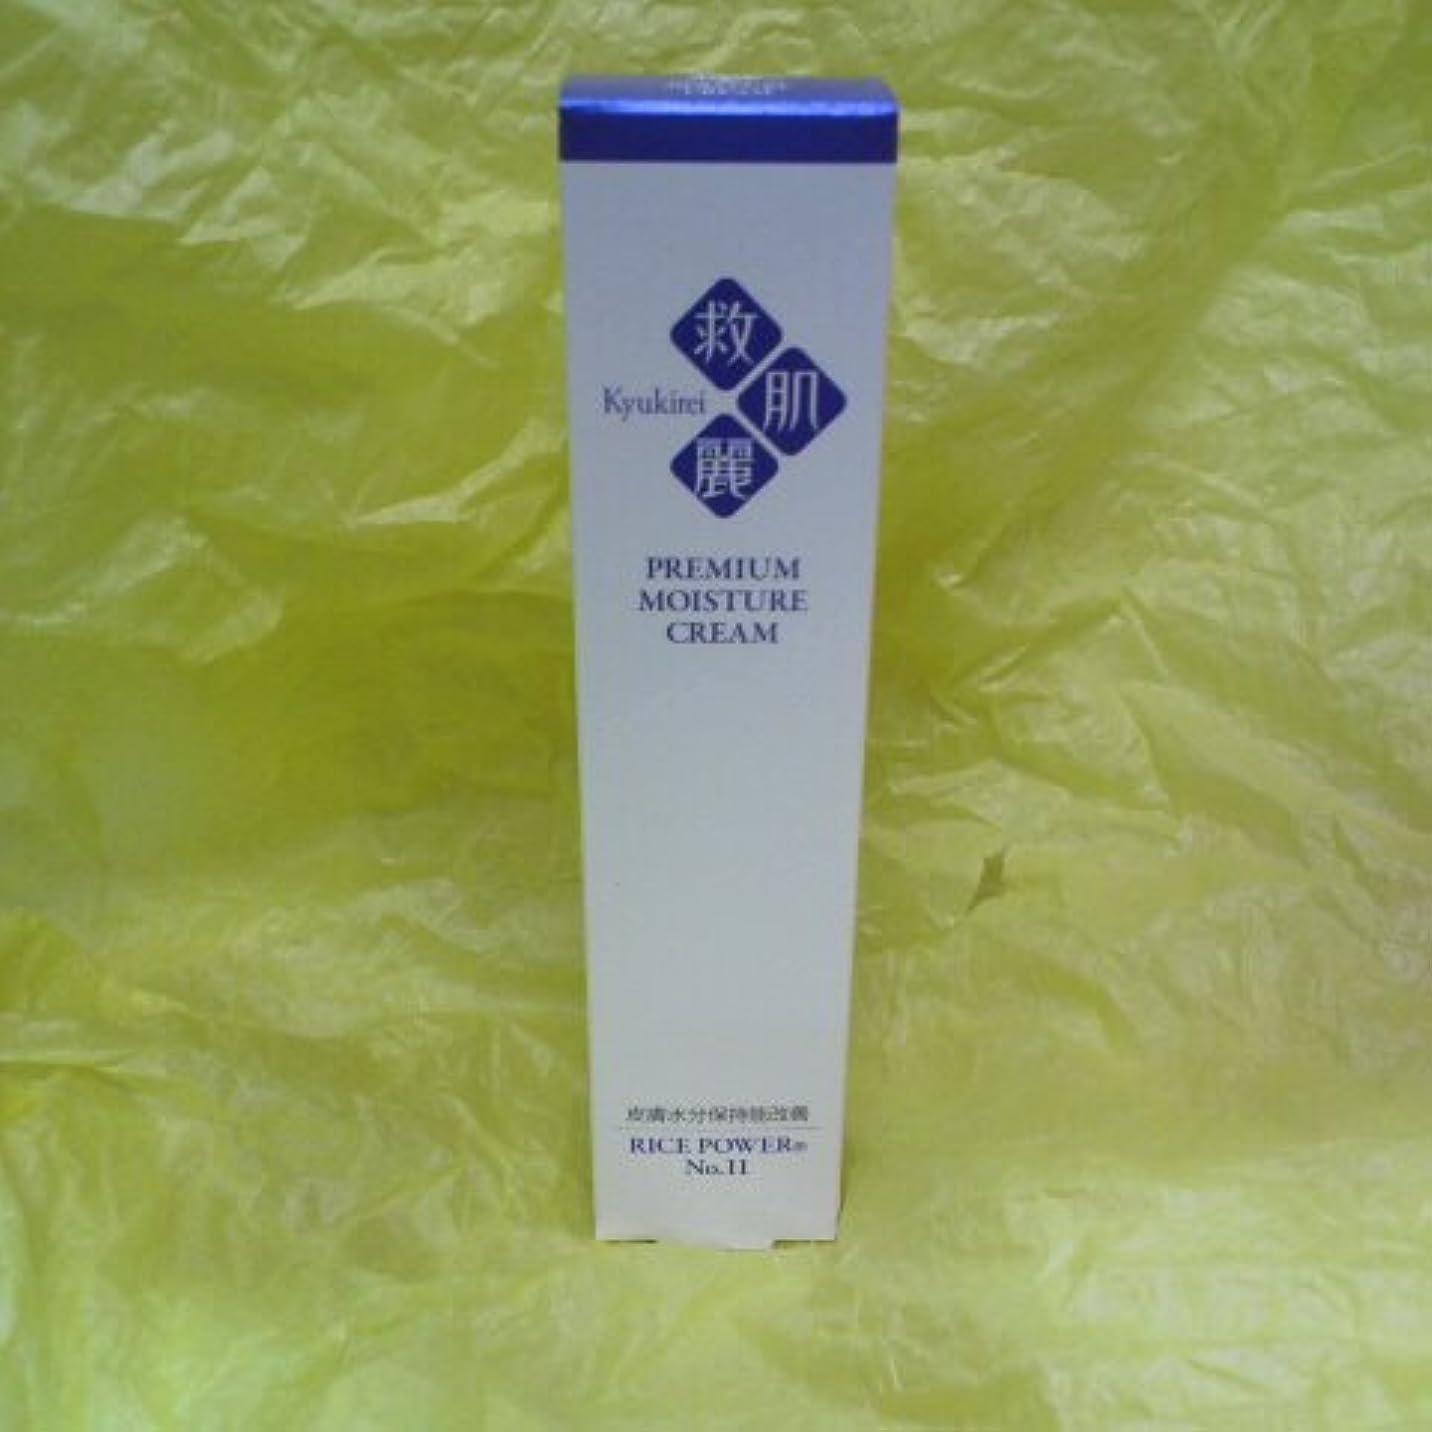 沿って粘性の怠けた救肌麗 薬用クリーム 40g (ライスパワー№11配合 無香料、無着色)医薬部外品